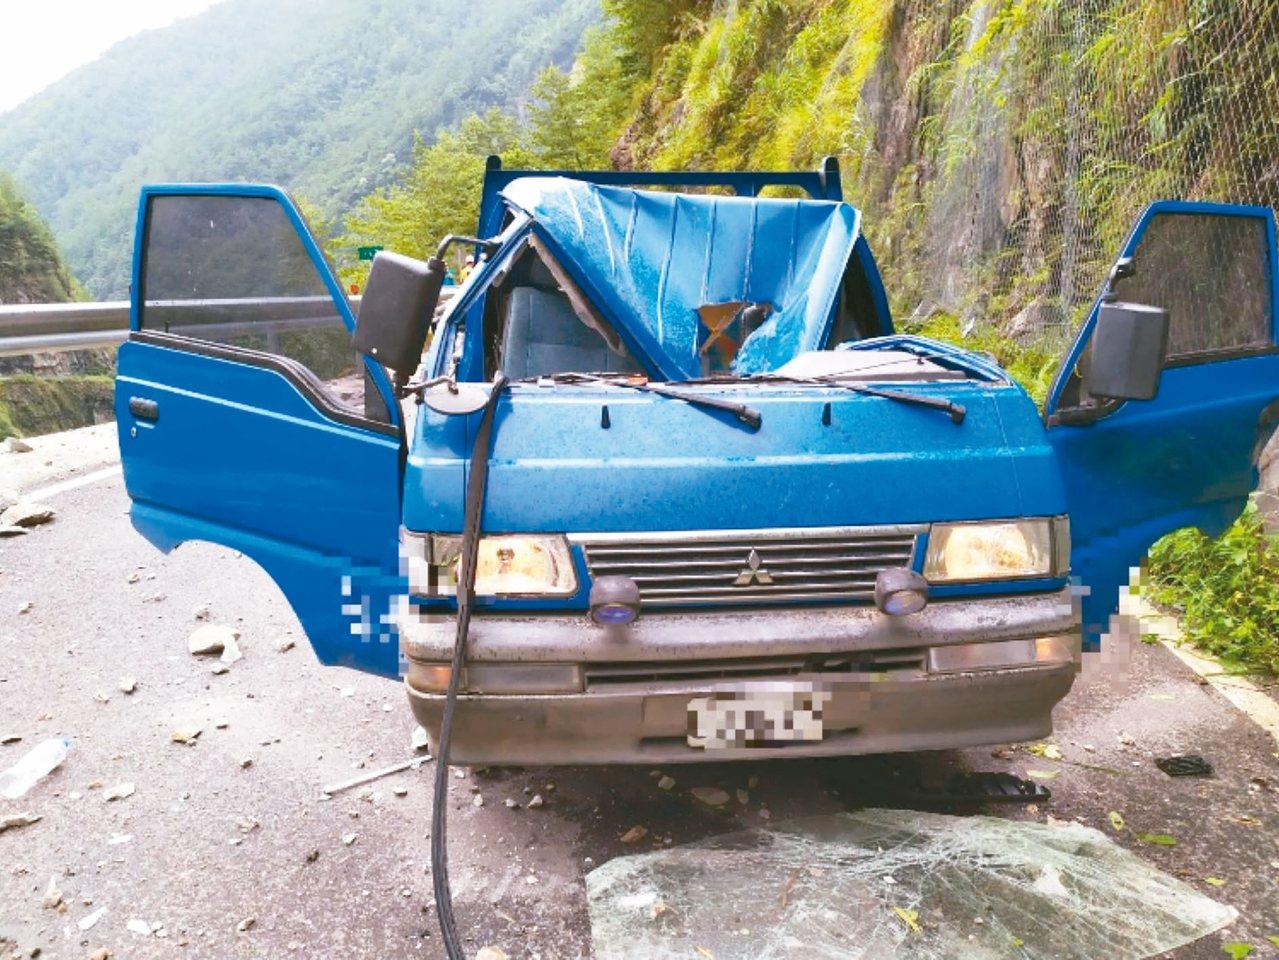 台8臨37線中橫便道17.2公里處昨掉落40公斤巨石,砸到便道施工車,駕駛當場死...